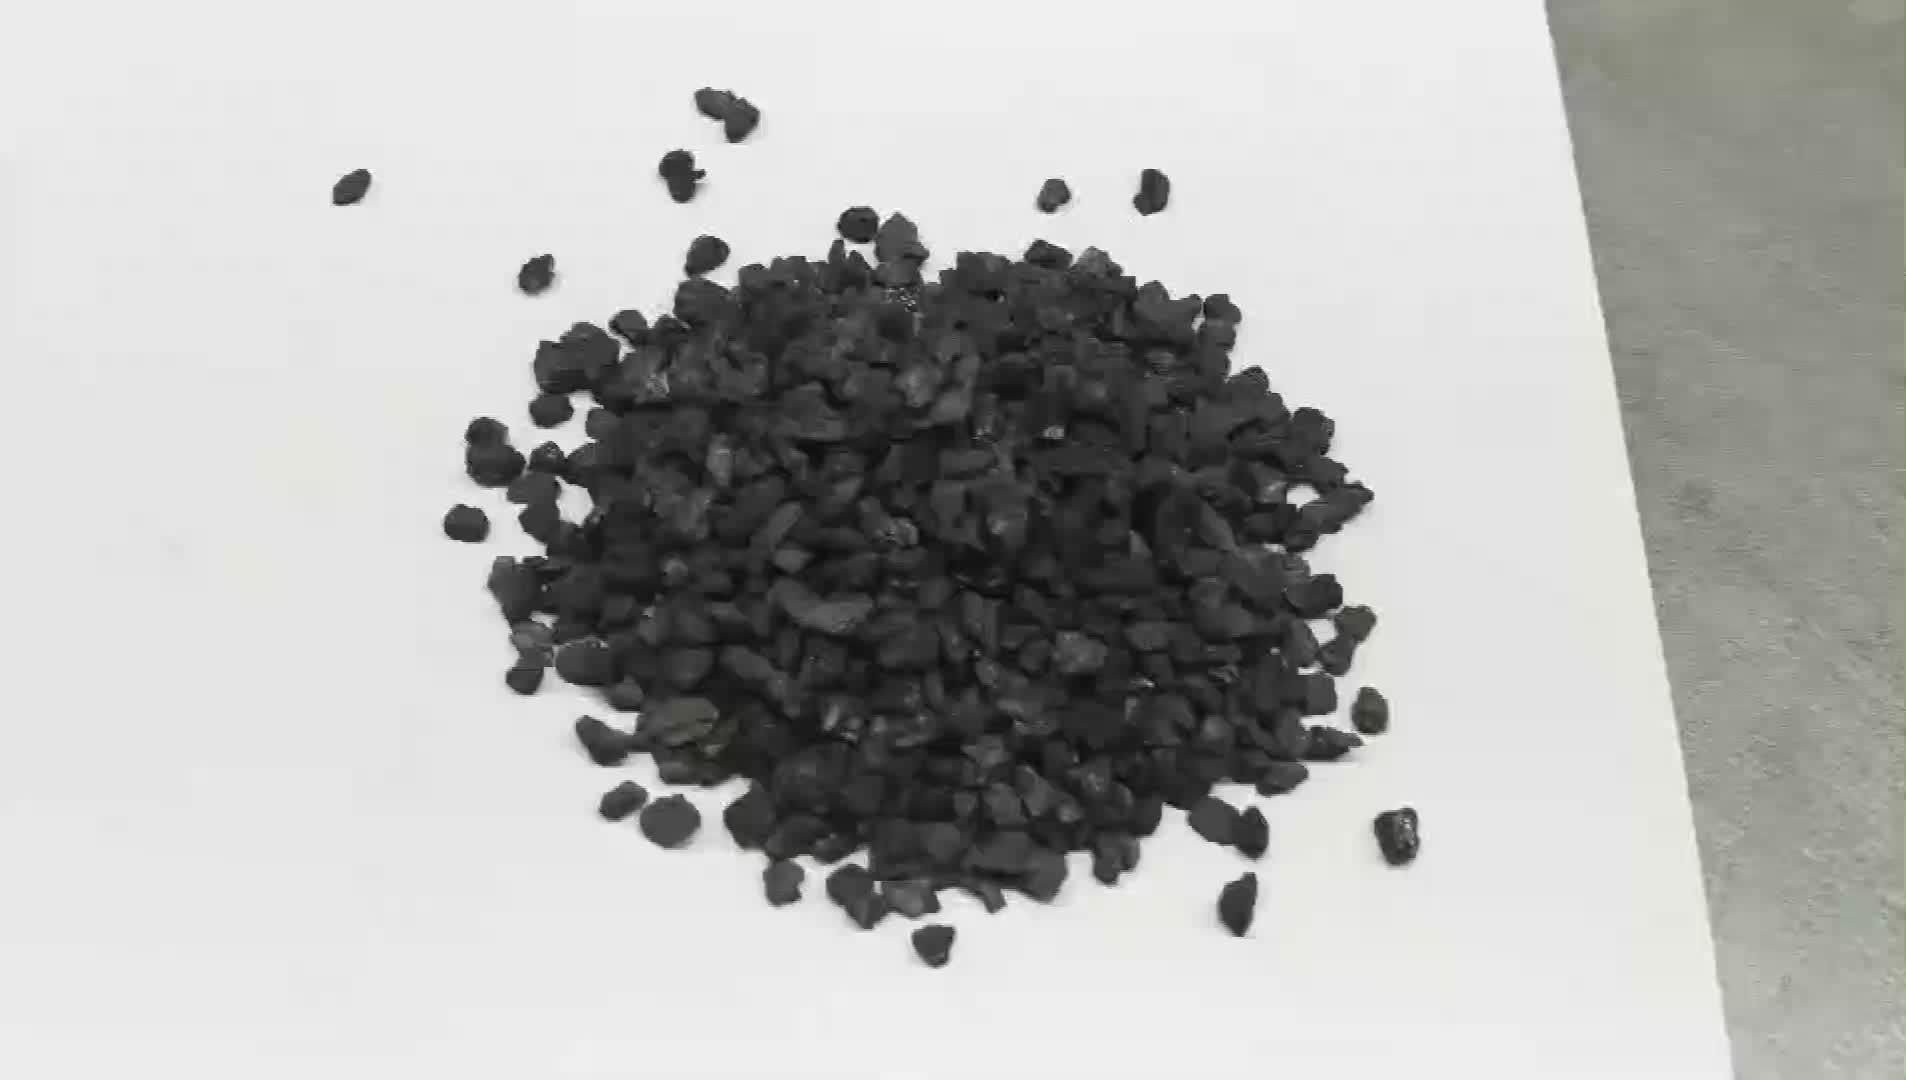 Casca De Coco Com Base de Carvão Ativado Granular Ativar Carbono